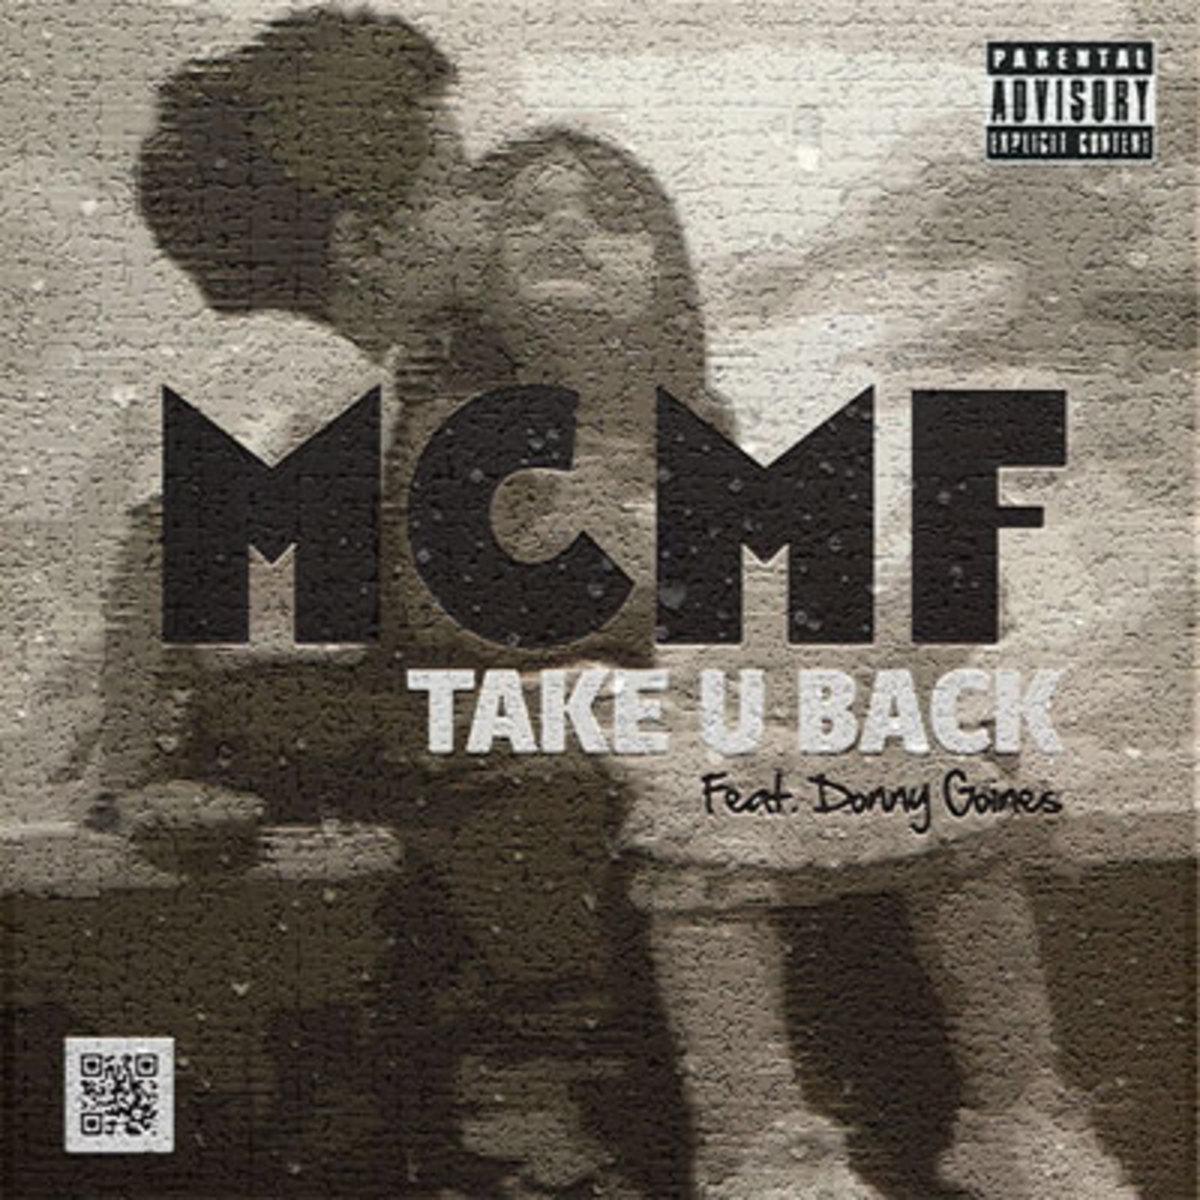 mcmf-takeuback.jpg